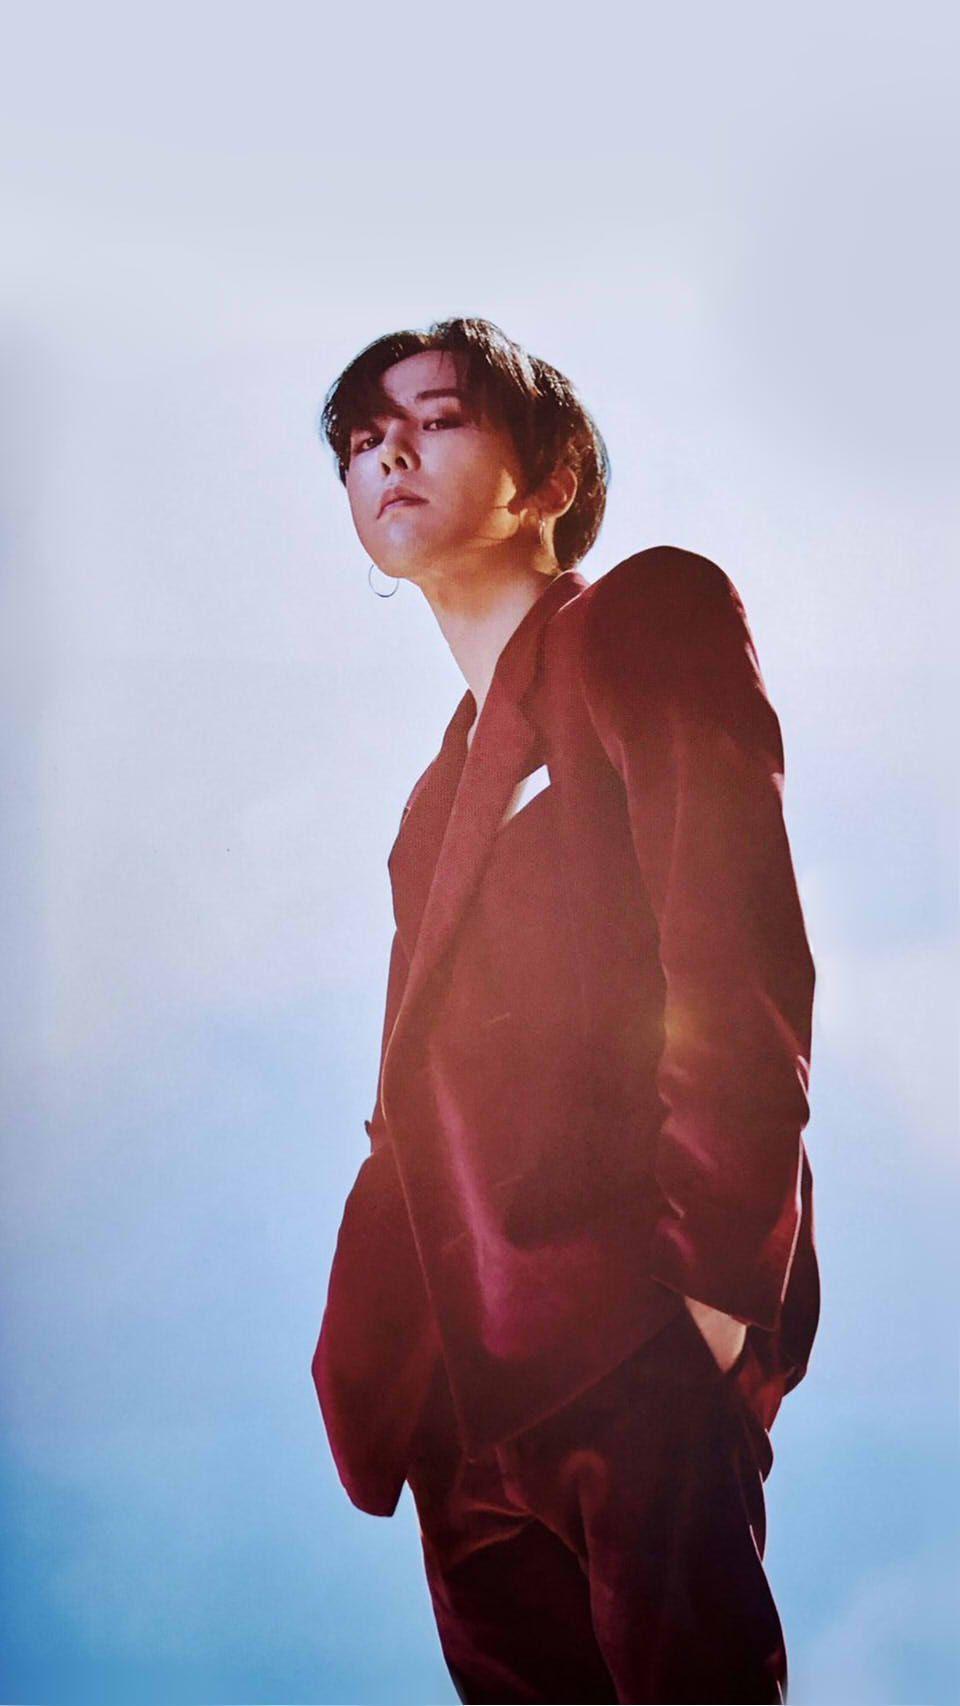 G Dragon Bigbang Wallpaper Iphone Gdragon Selebritas Bigbang